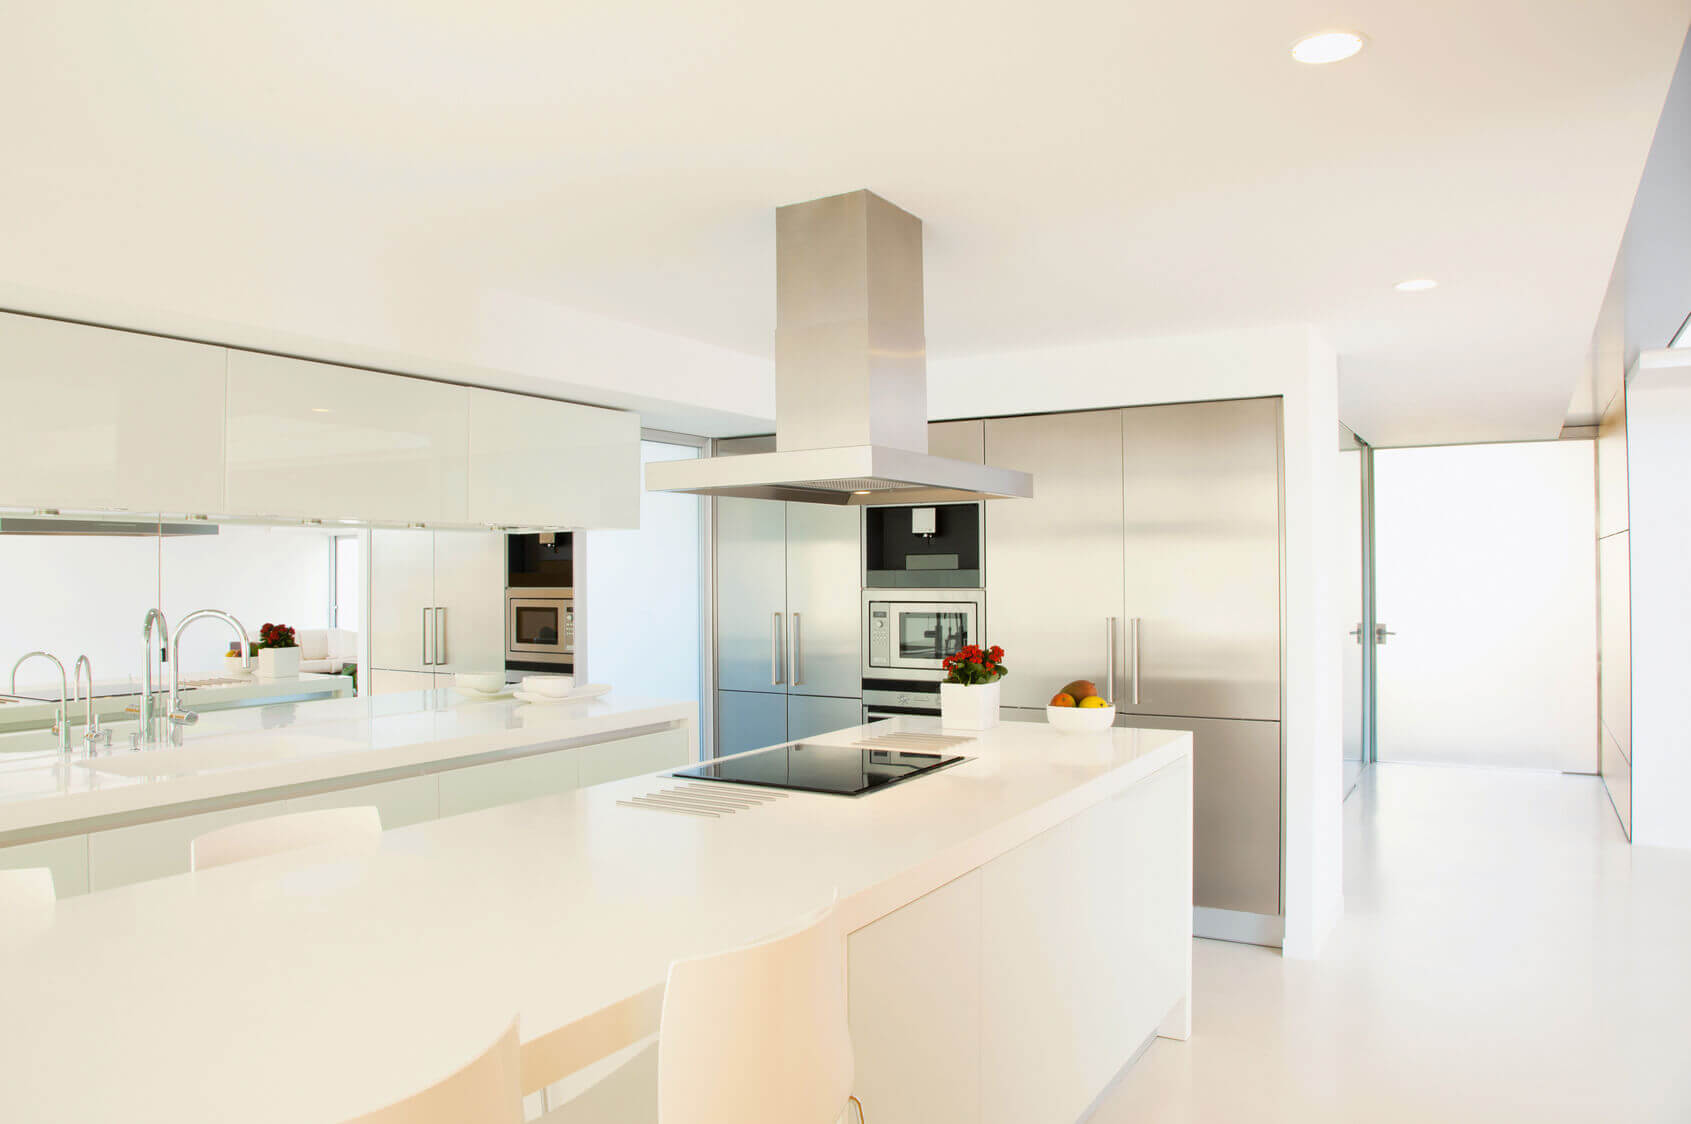 Cocinas con isla cocinas vitoria tierra home design for Muebles de cocina alemanes